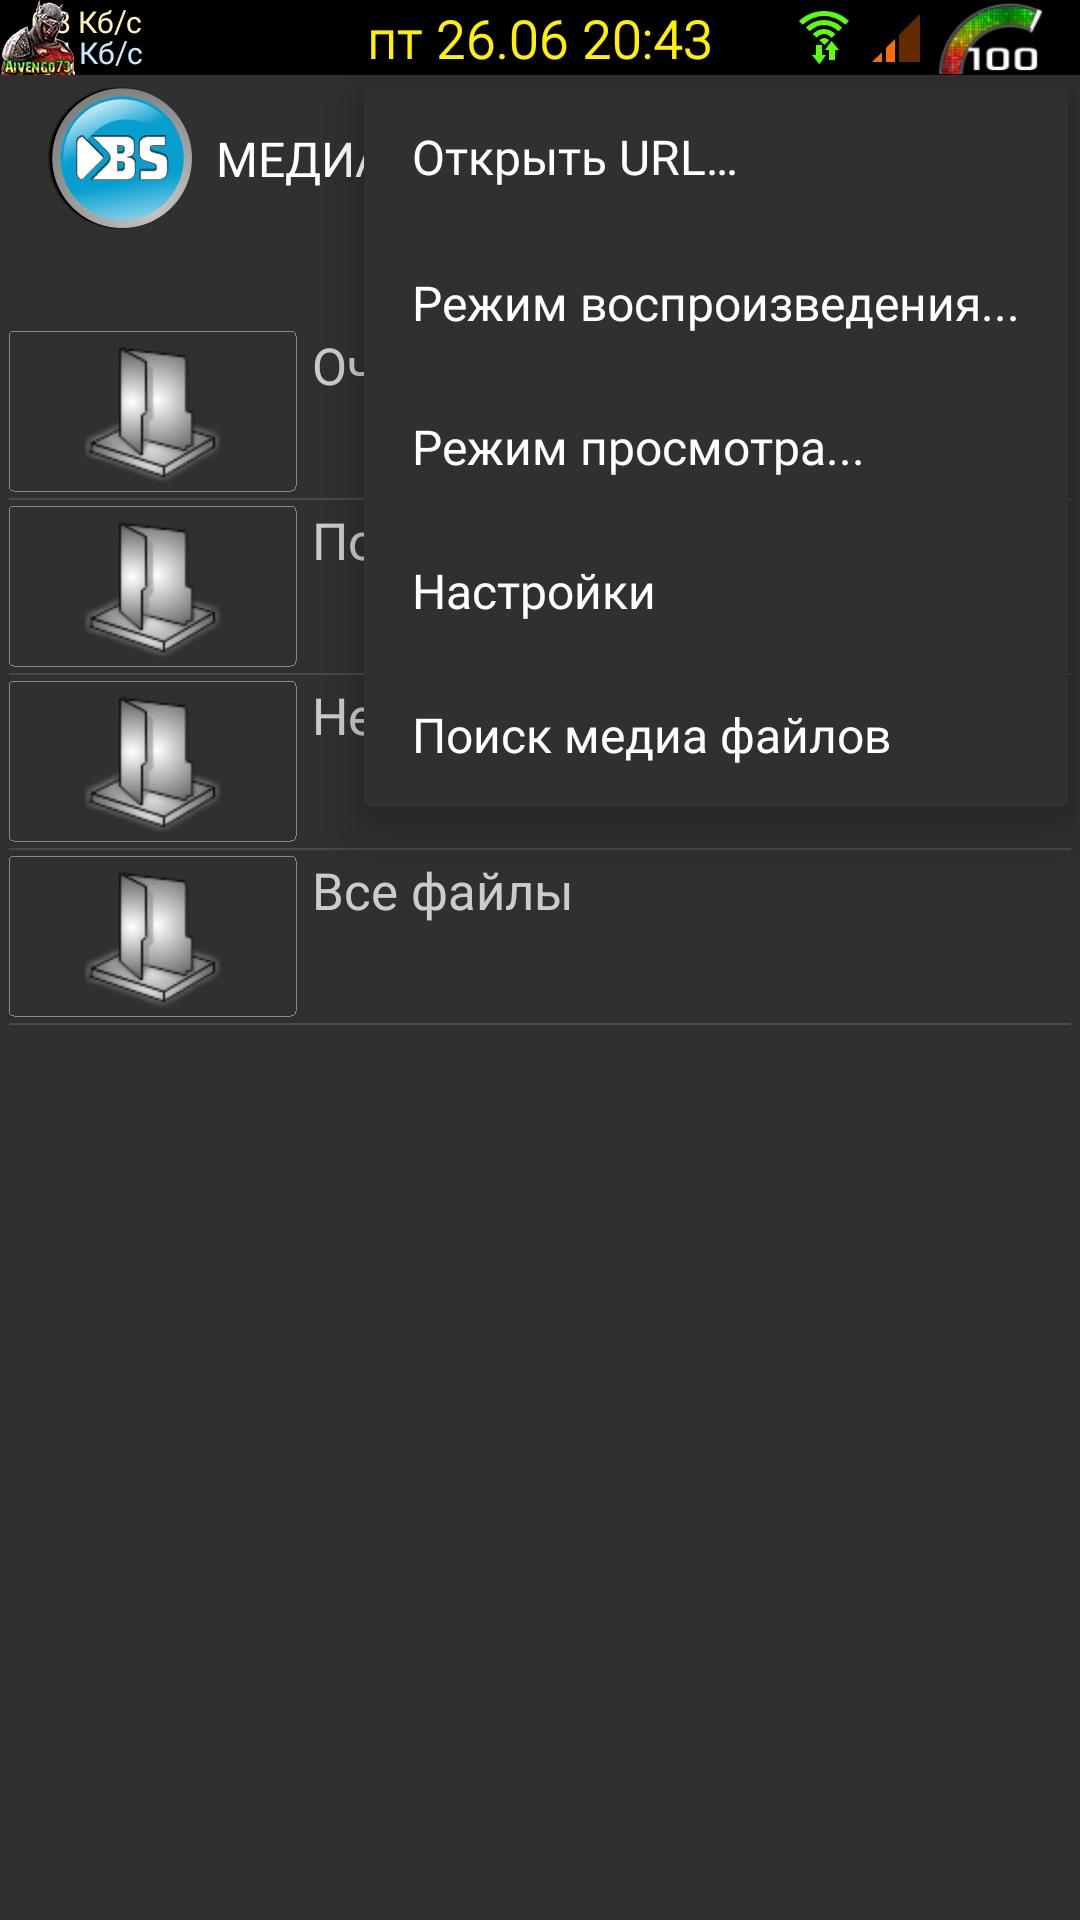 4950704a0f2f280550d45ad88c25fc35.jpg